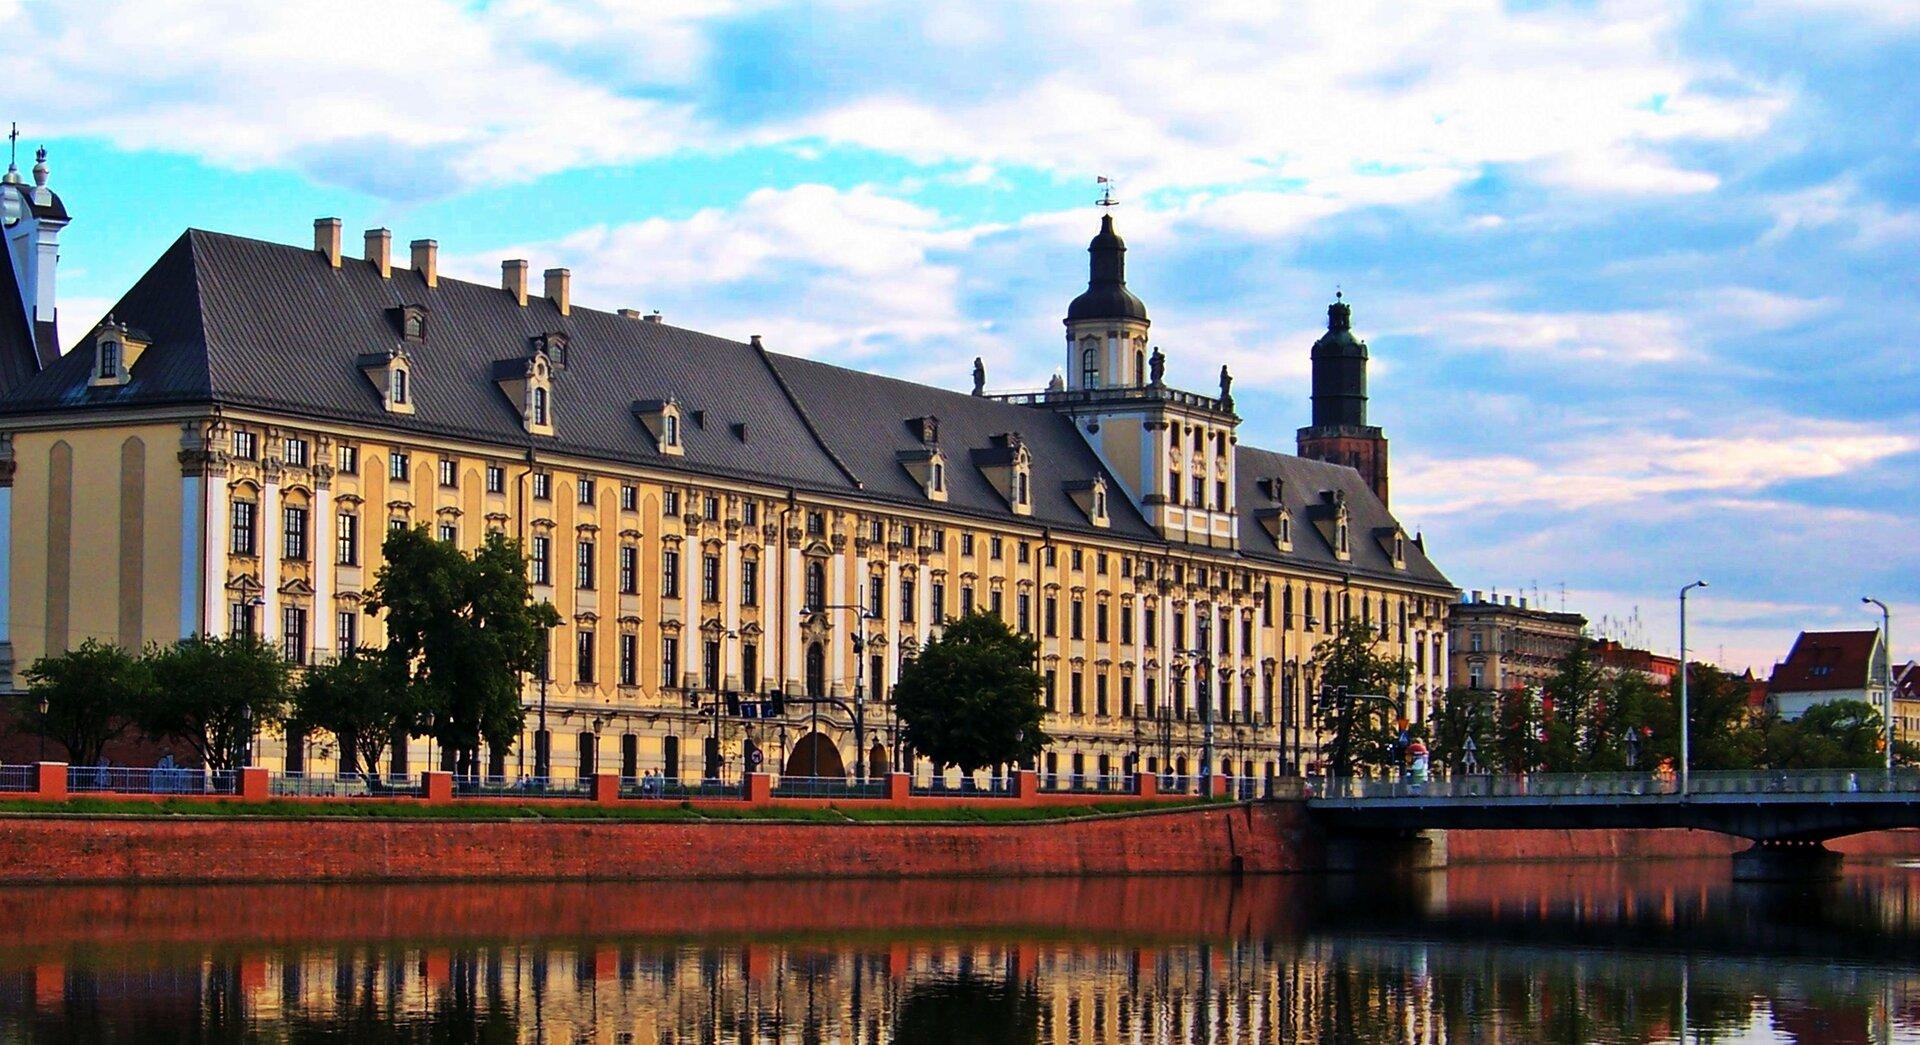 na zdjęciu widokGmachu Głównego Uniwersytetu Wrocławskiego